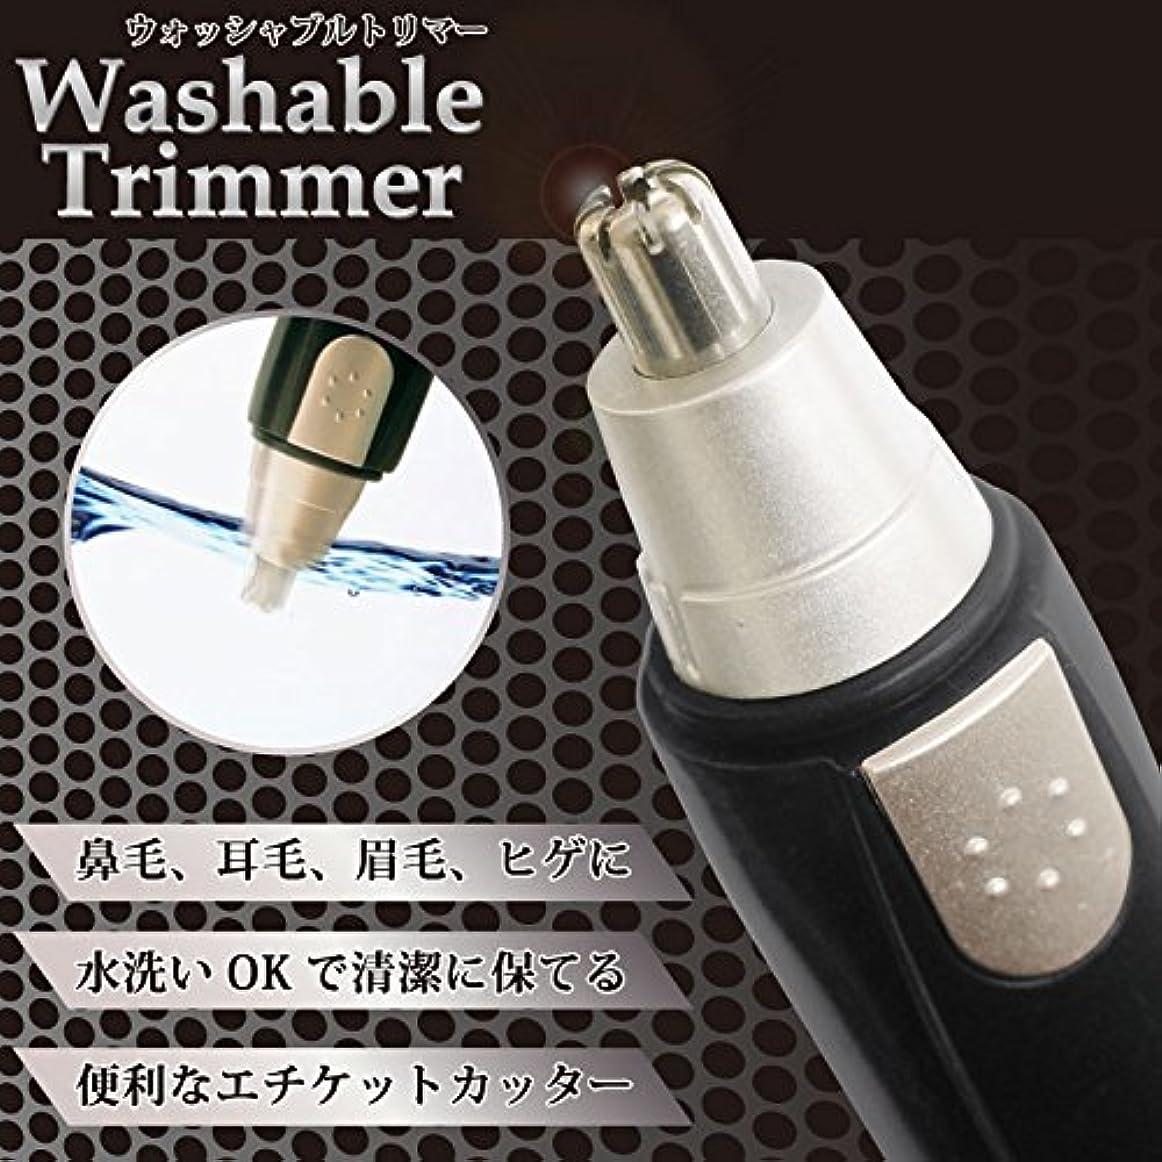 出来事彼ら無駄なウォッシャブルトリマー HRN-250水洗いOK 乾電池式 専用ブラシ付 小型エチケットカッター